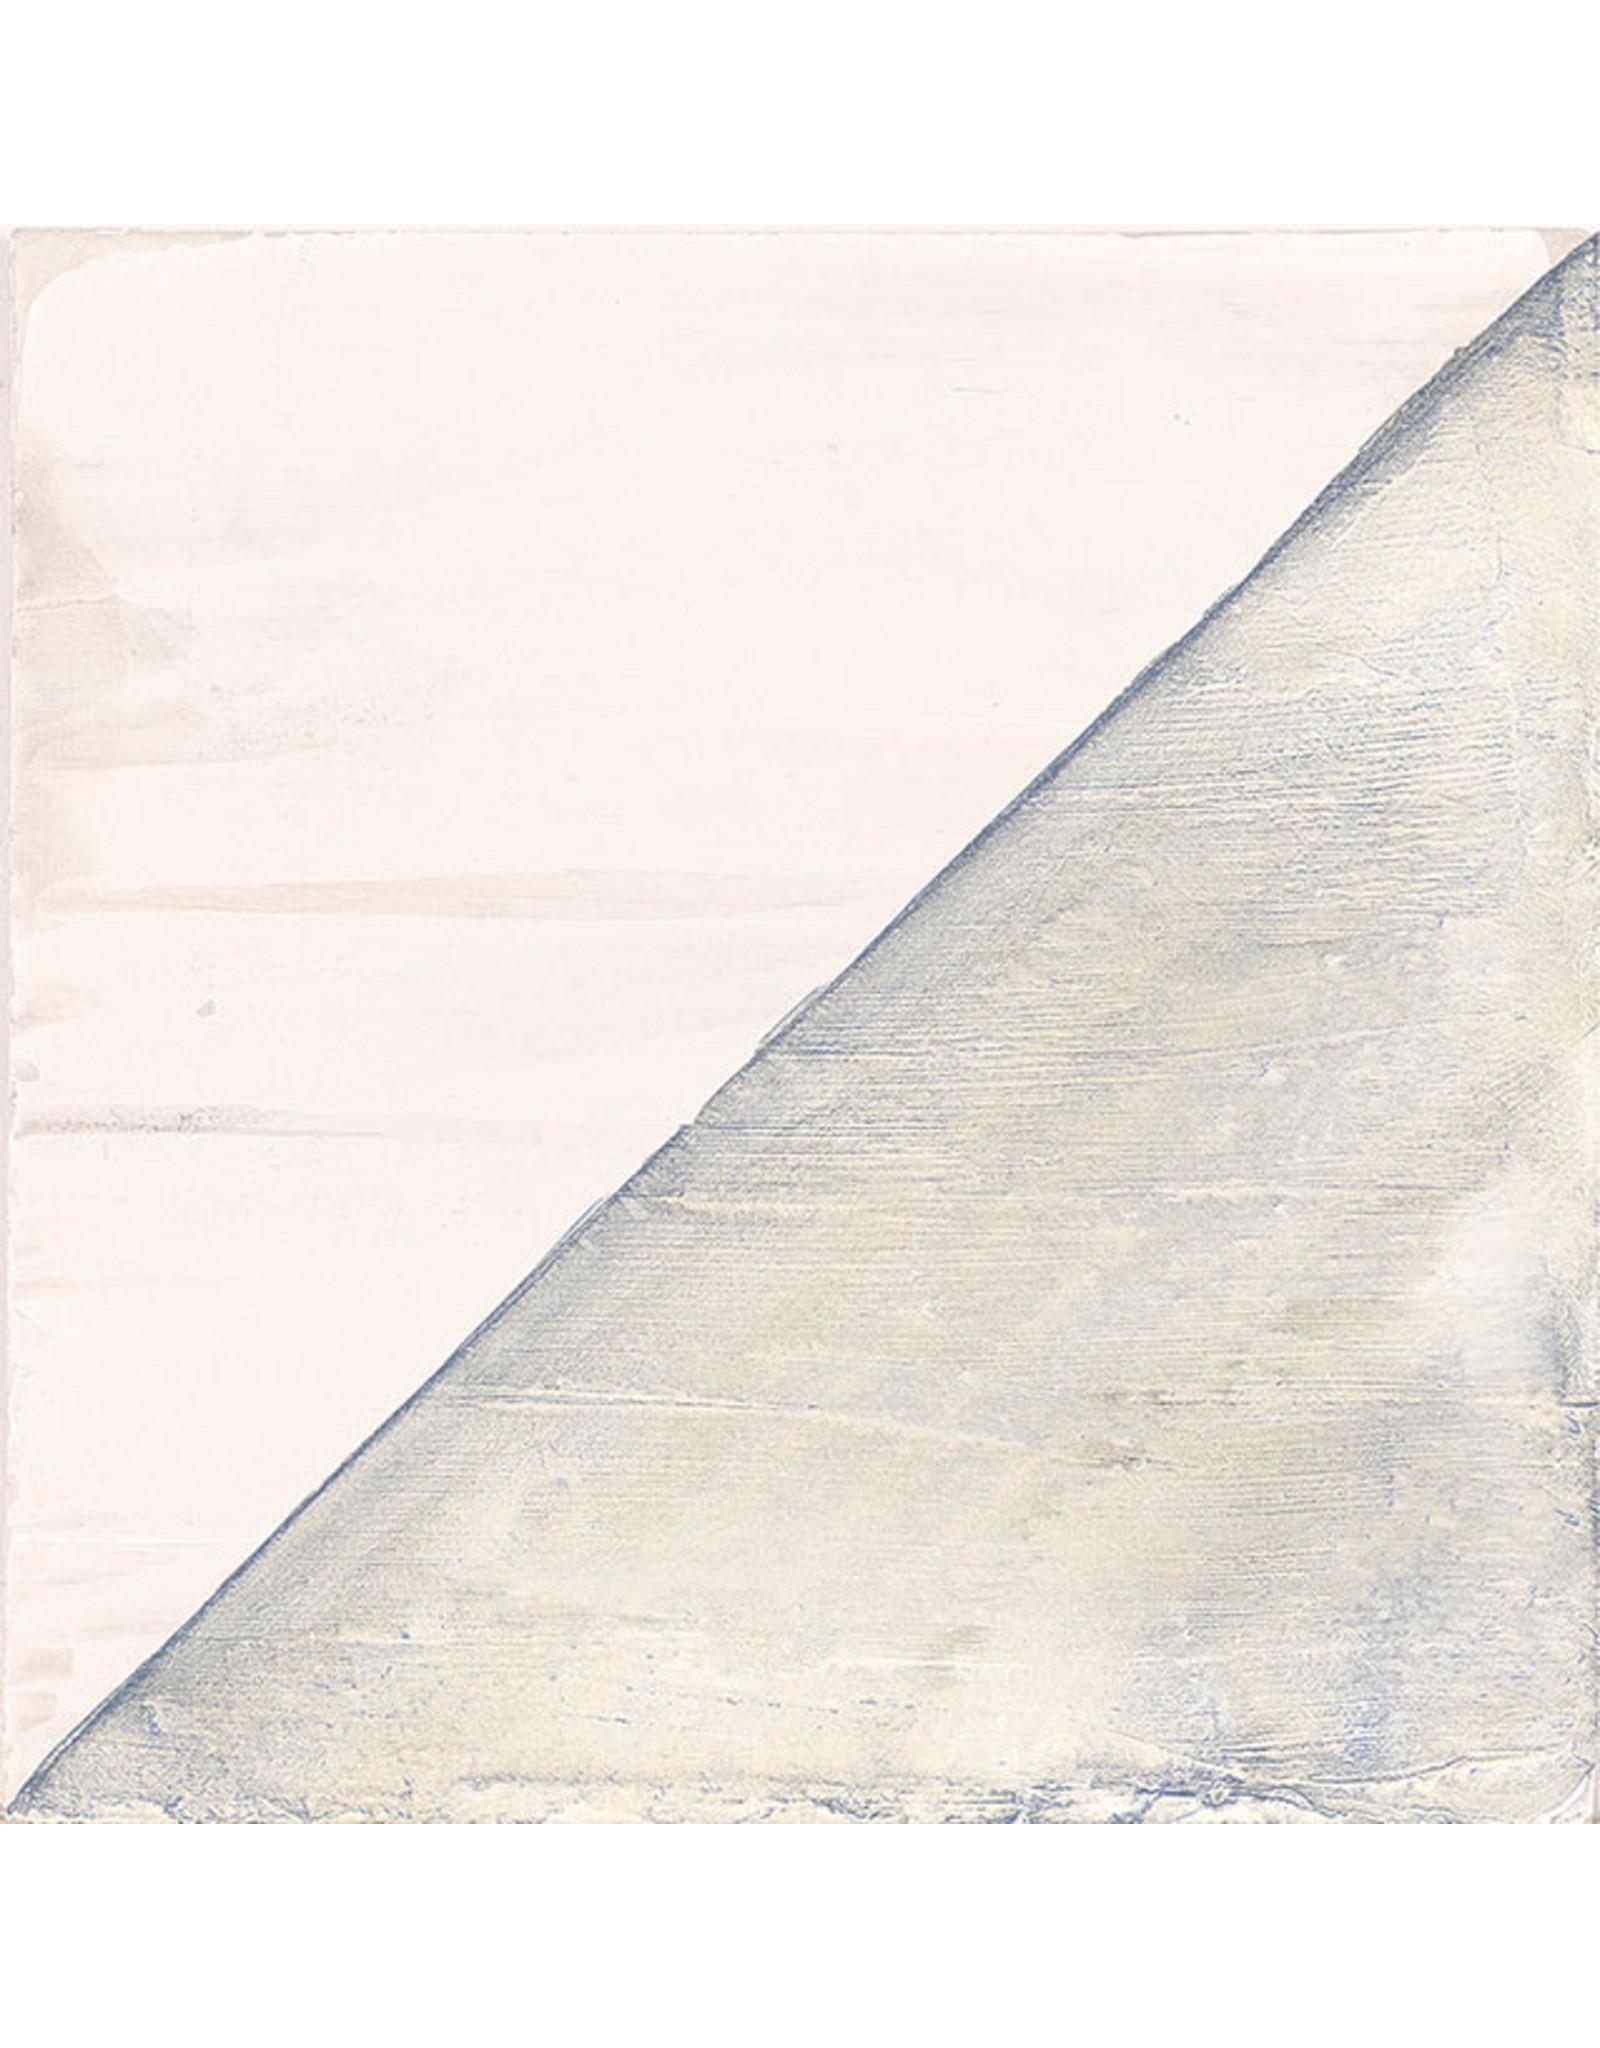 Carlet Unieke spaanse tegels